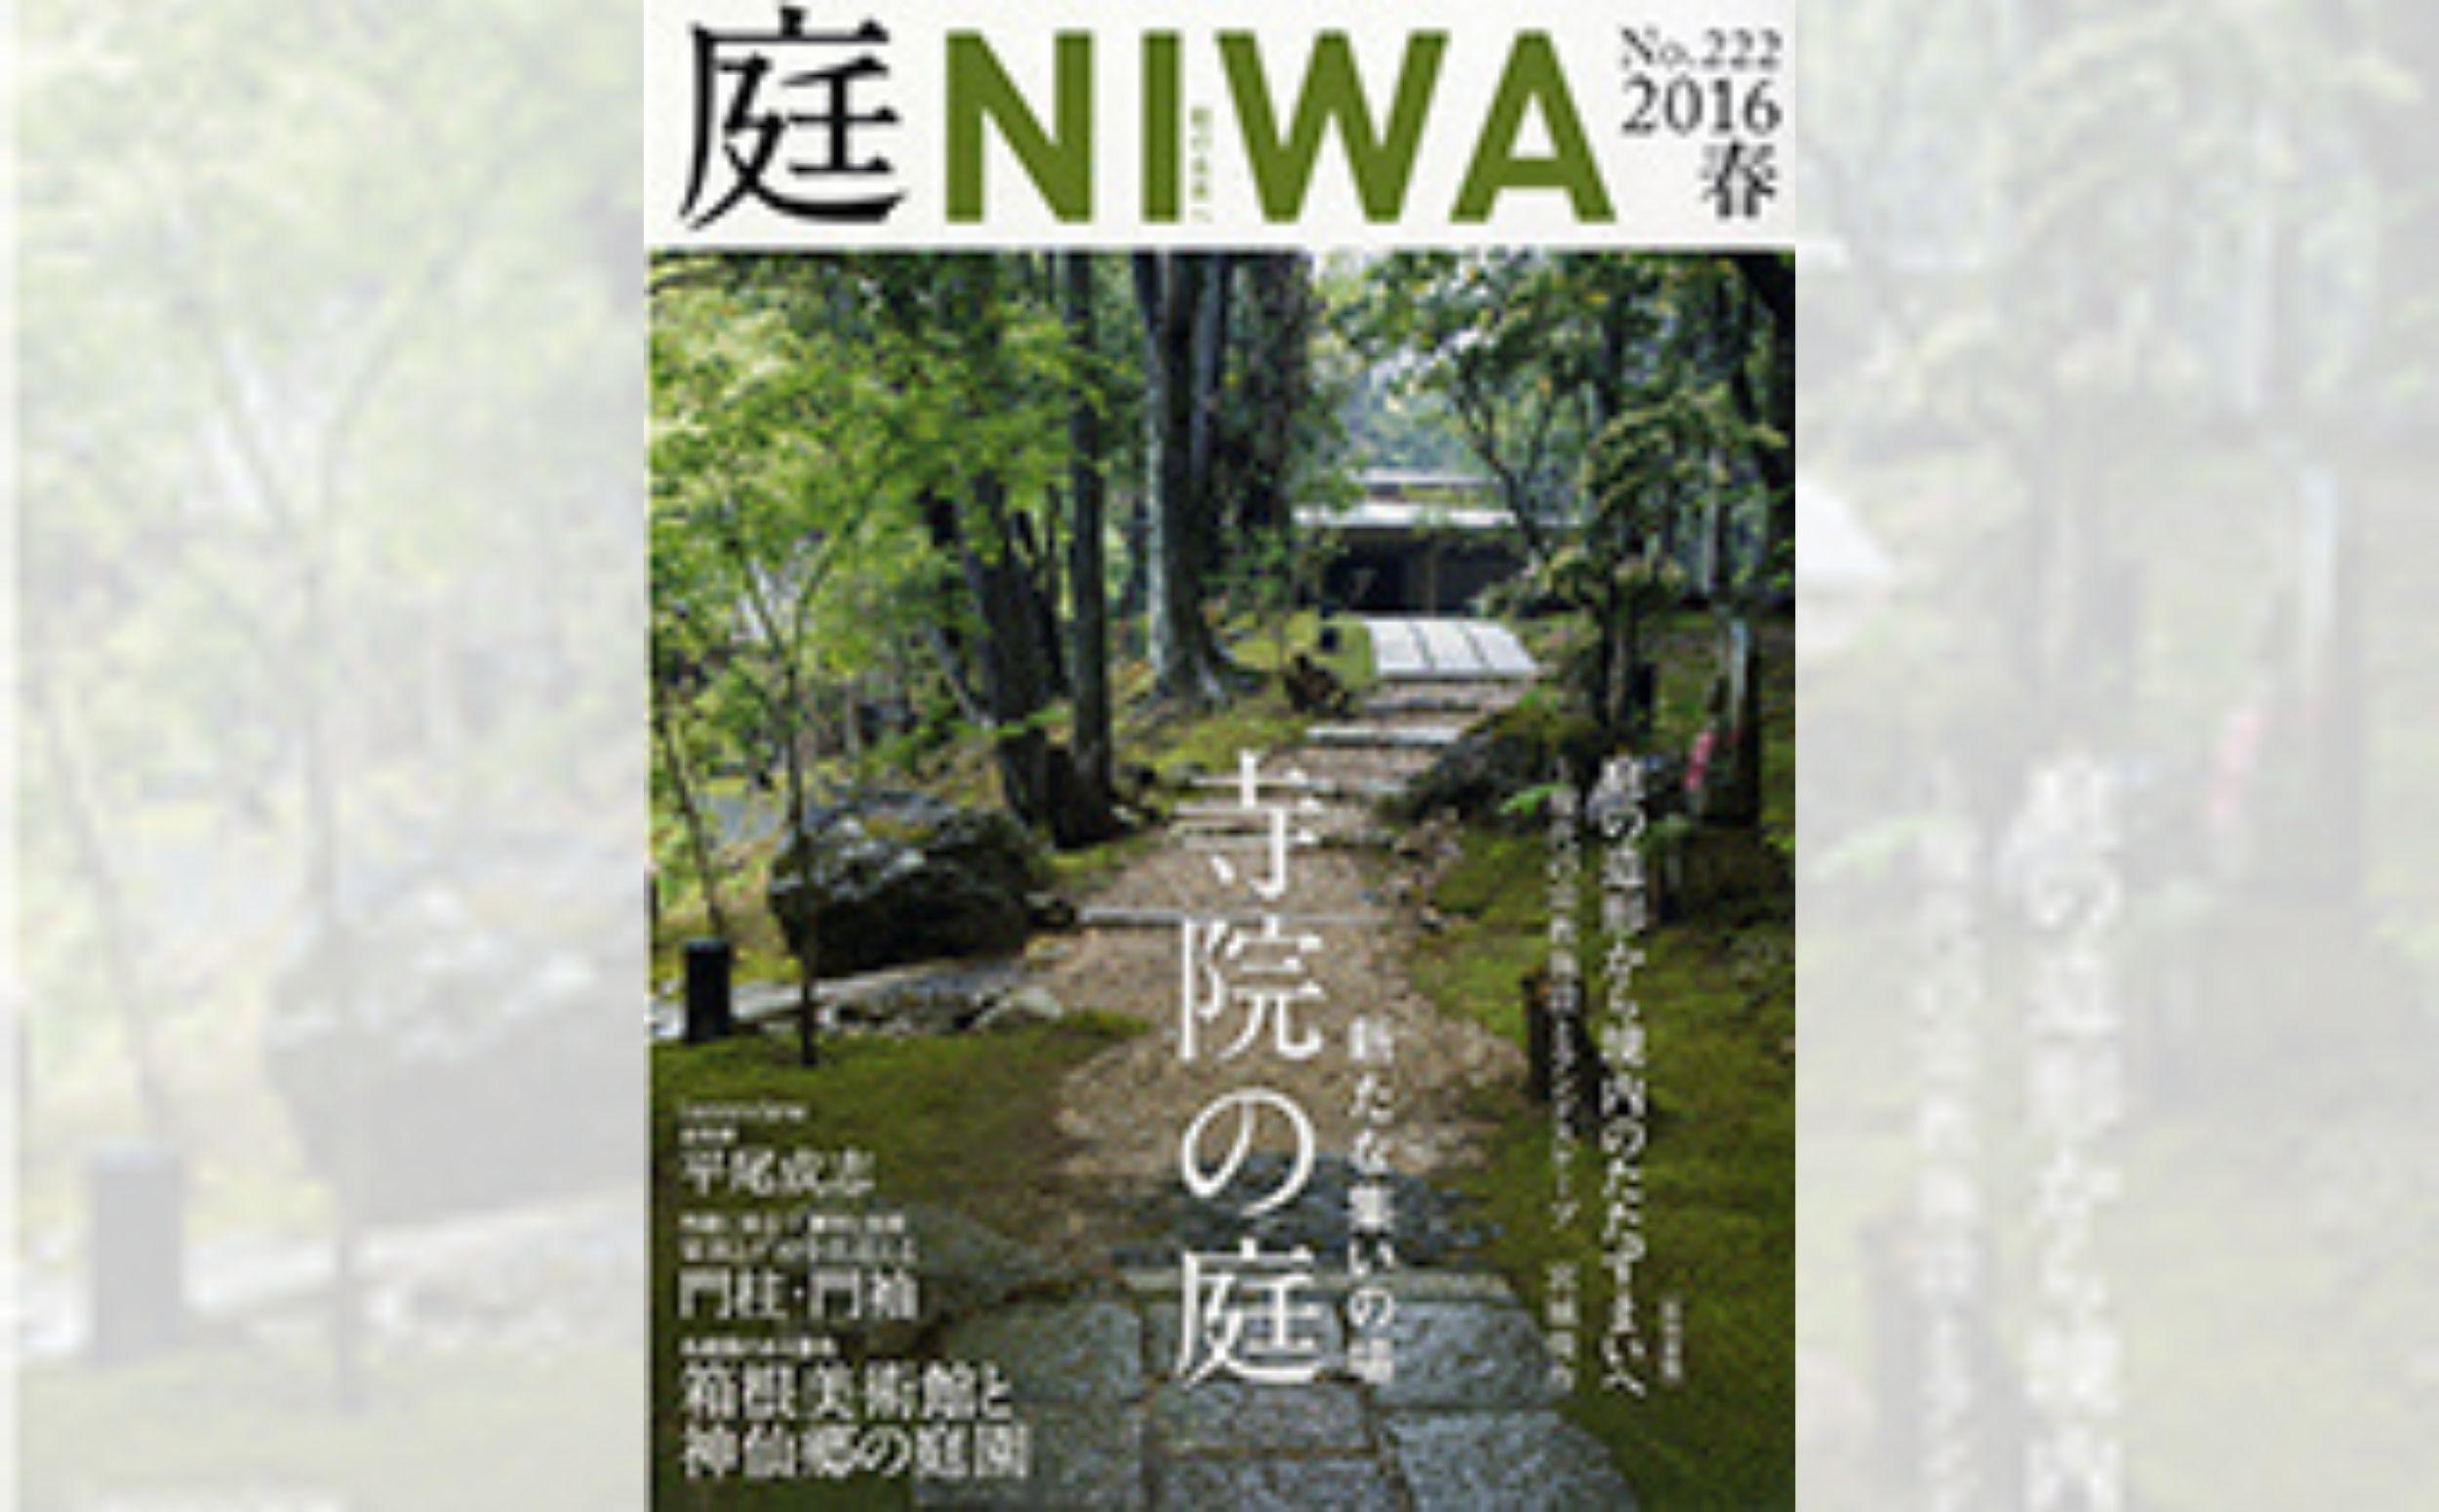 庭NIWA No.222 2016春『新たな集いの場 寺院の庭』